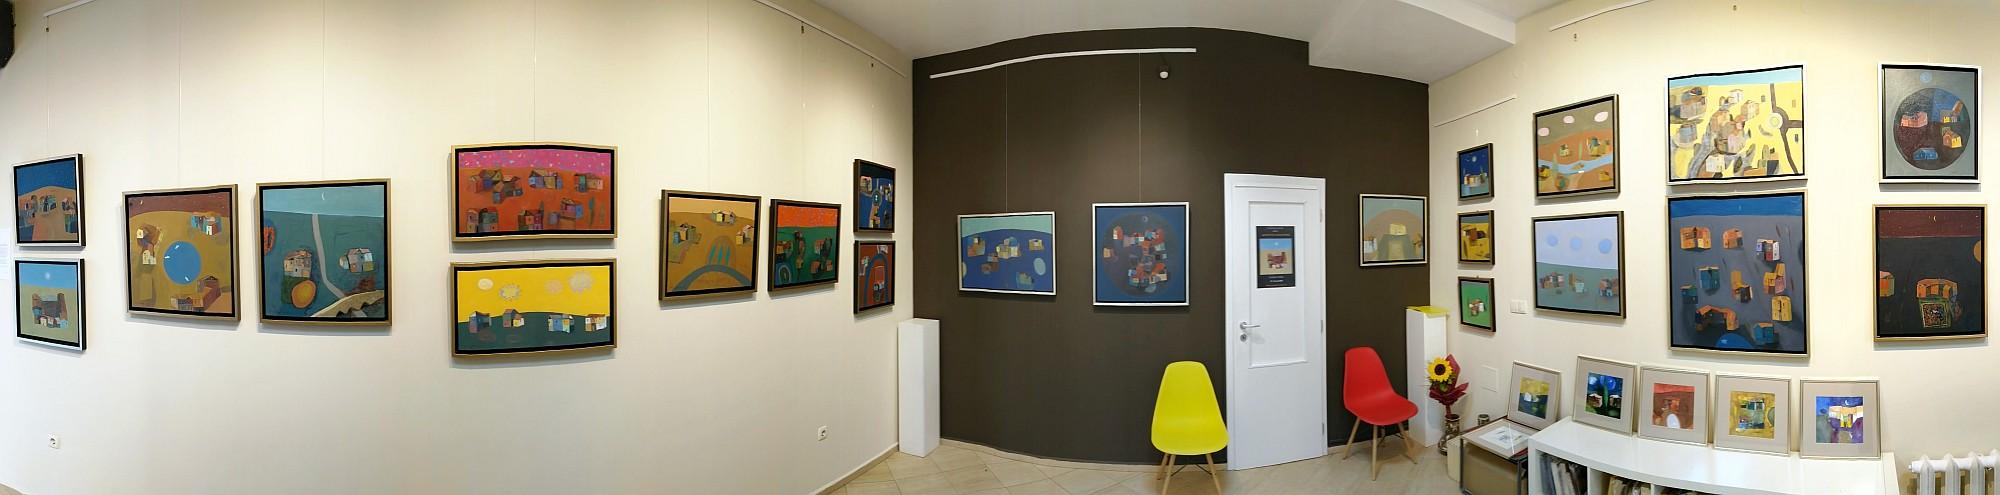 Dimitar-Karatonev-izlozhba-galeria-Paris-2019